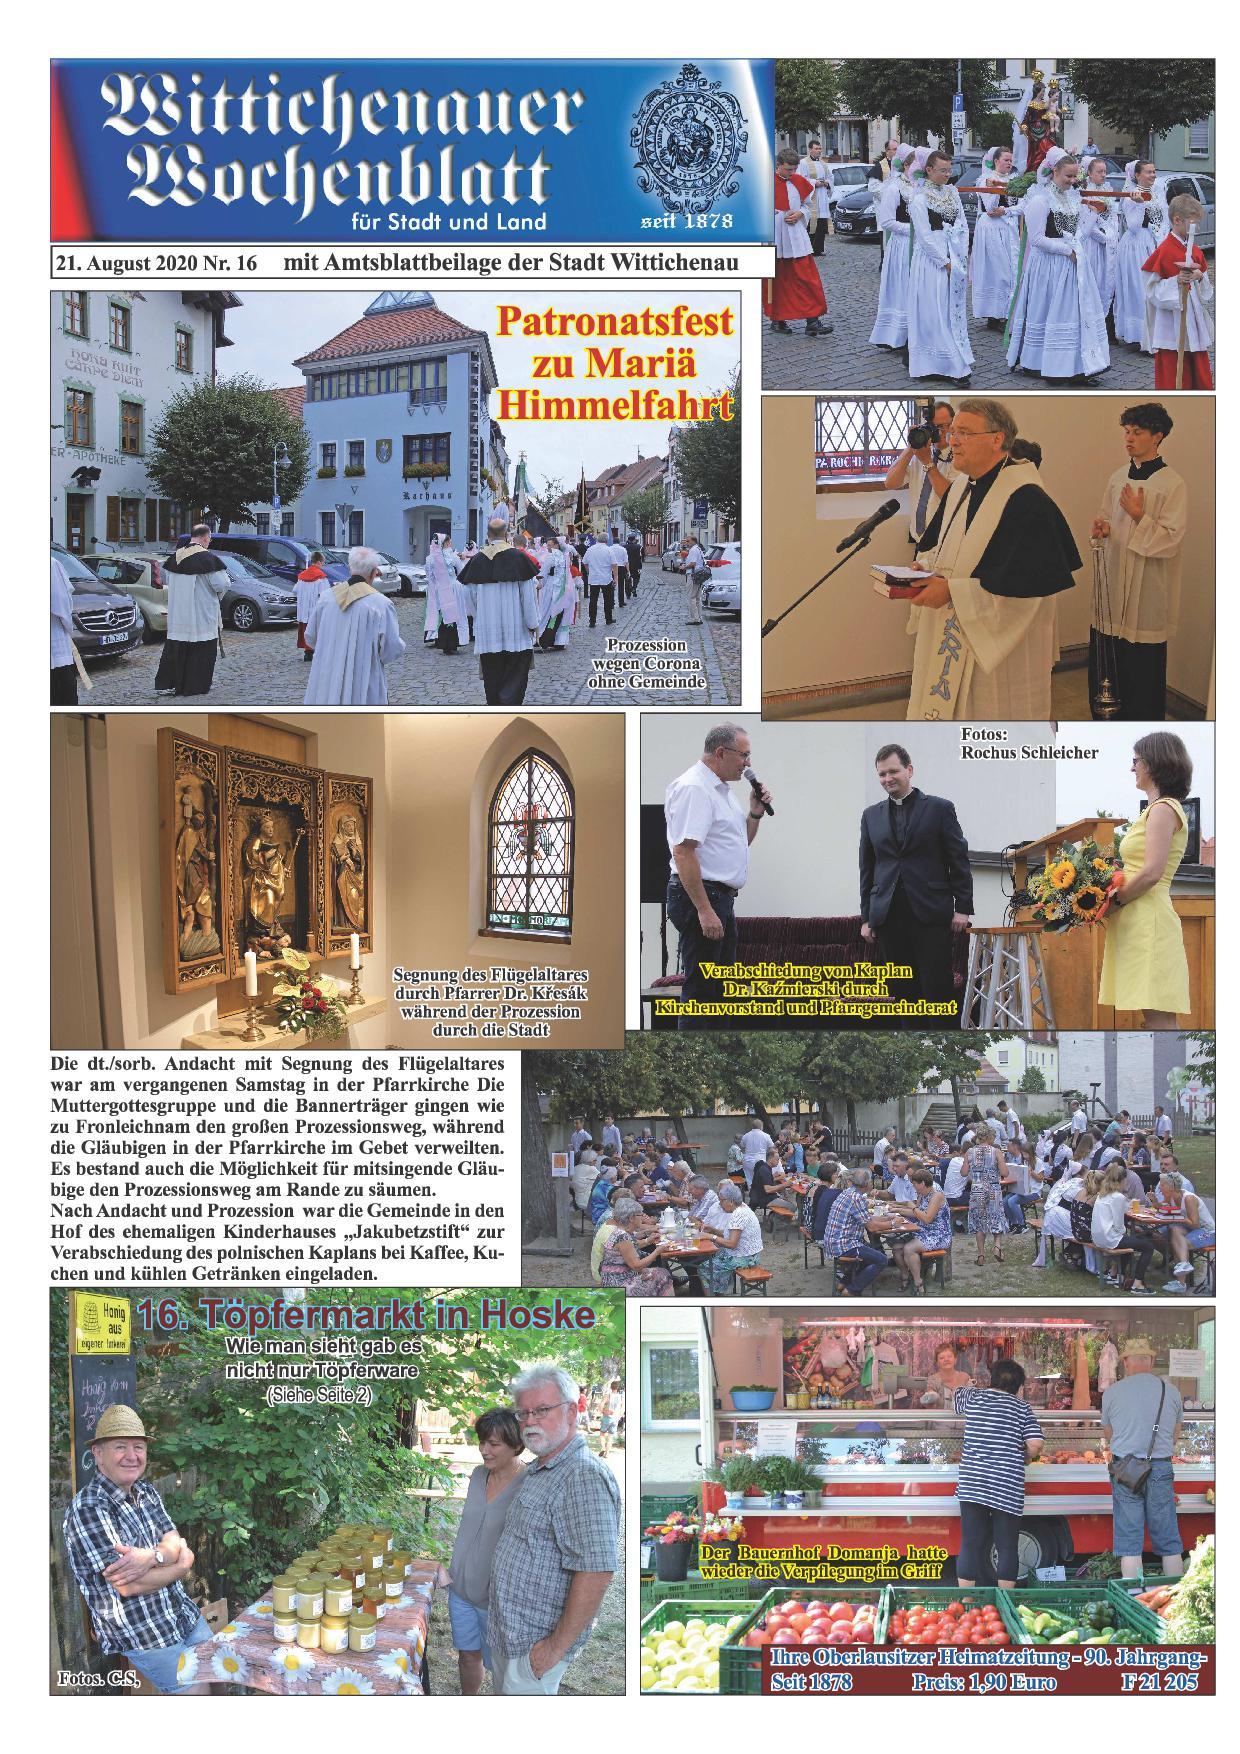 Wochenblatt Nr. 16 - 2020